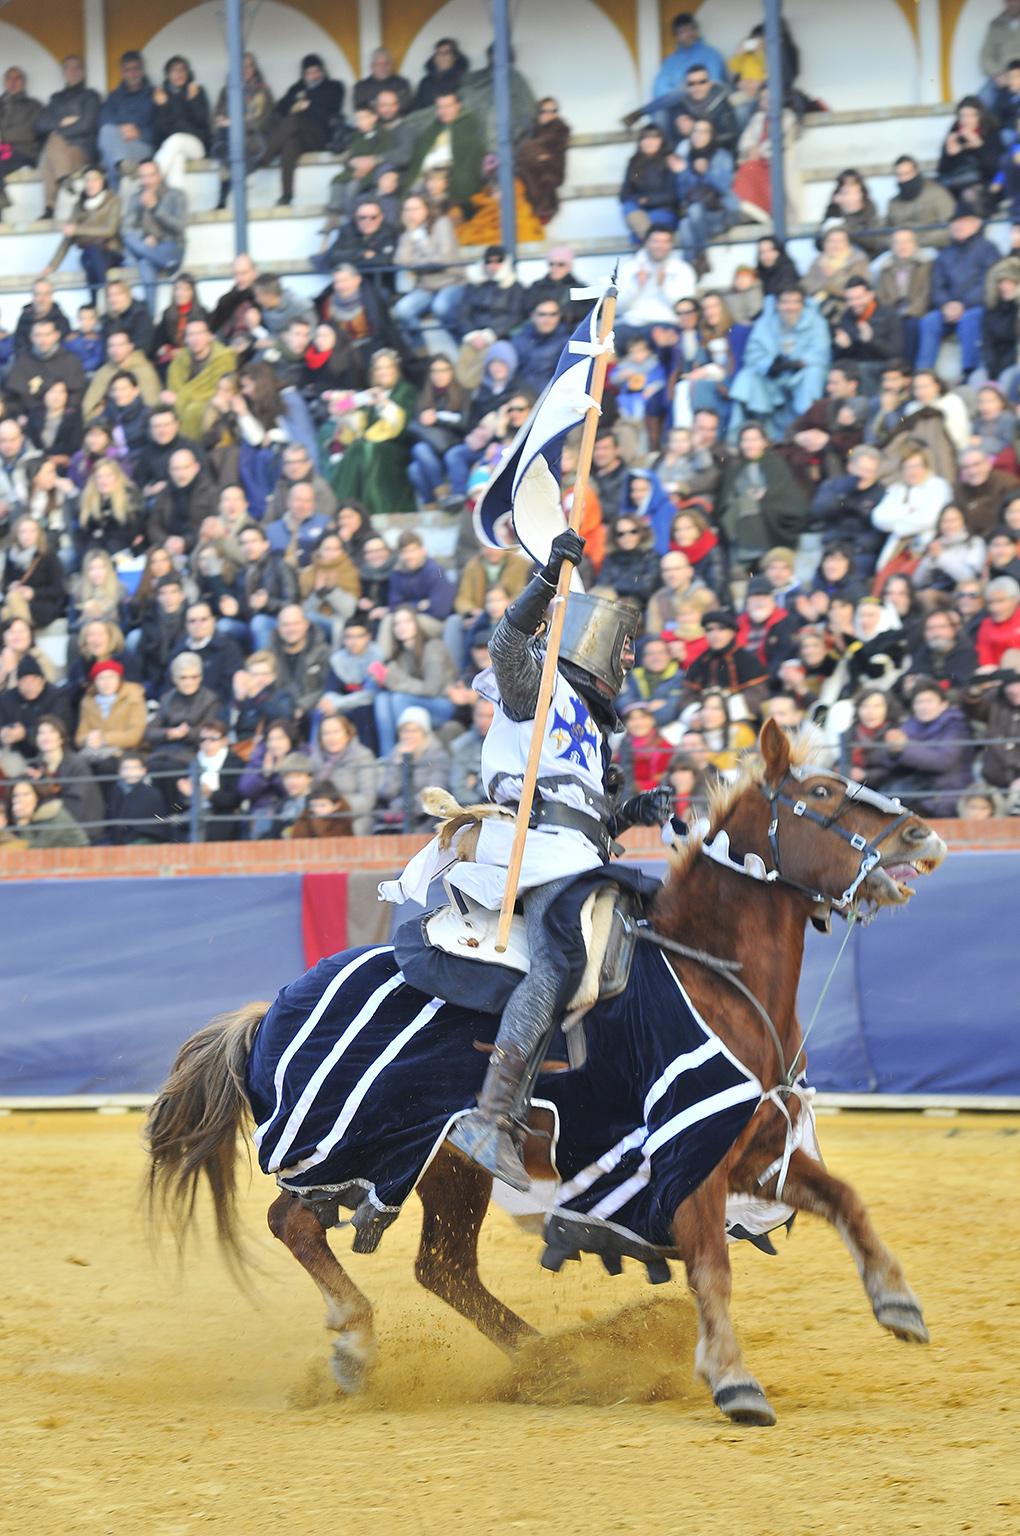 La leyenda cuenta que cuando Diego de Marcilla salió a caballo, los amantes ya estaban casados. Foto: Diego & Lori